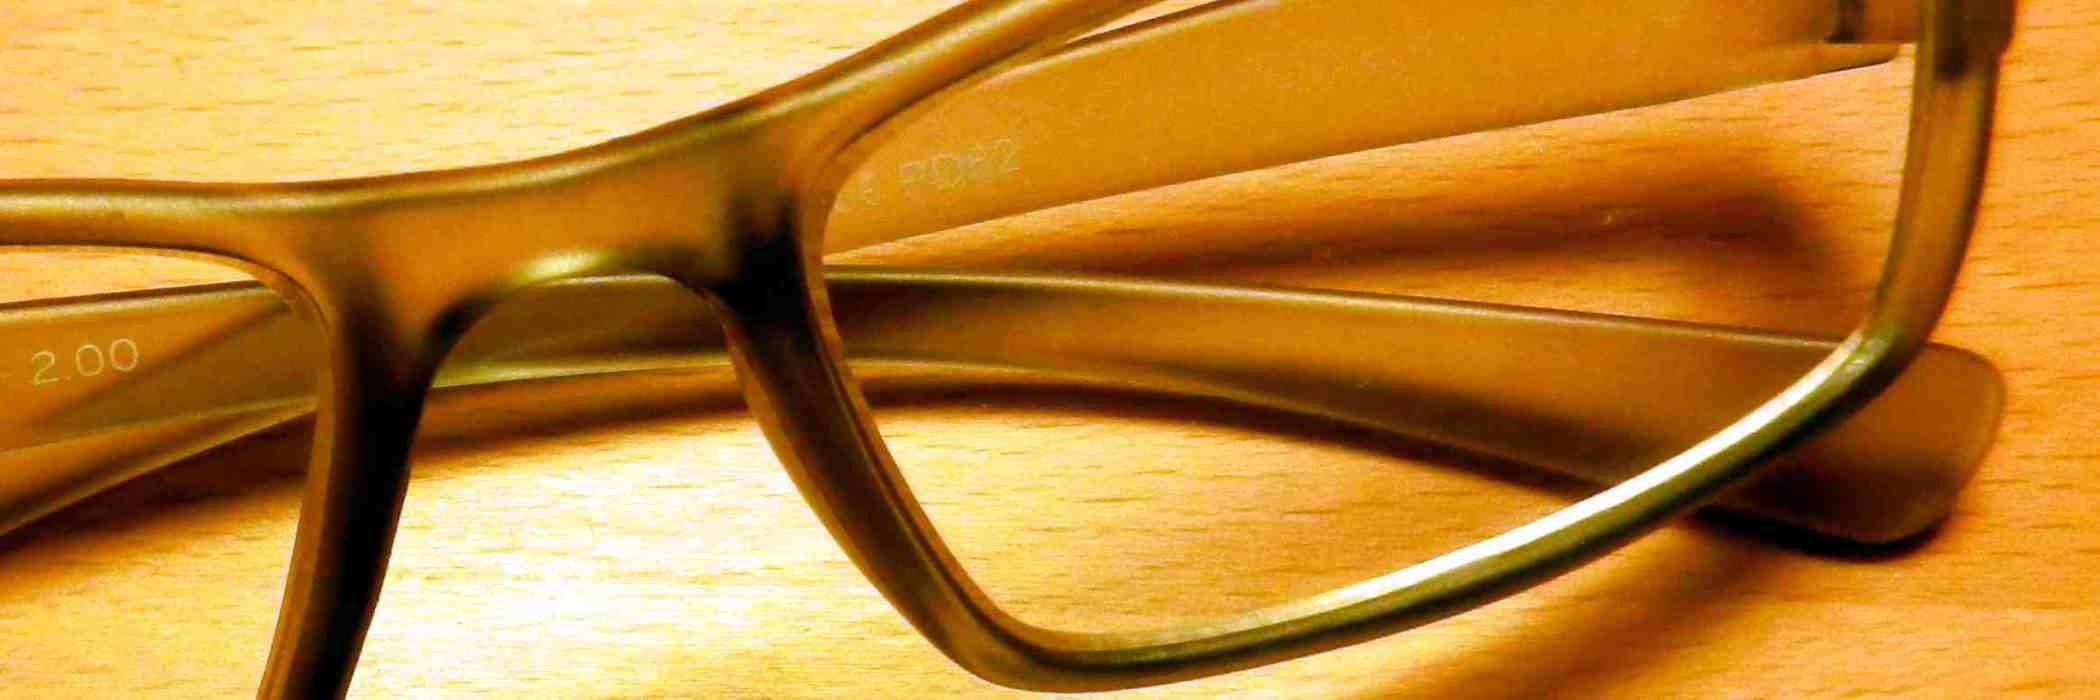 lunettes lentilles de contact opticien hommes dames enfants bebes Laeken  Bruxelles e78330408f22